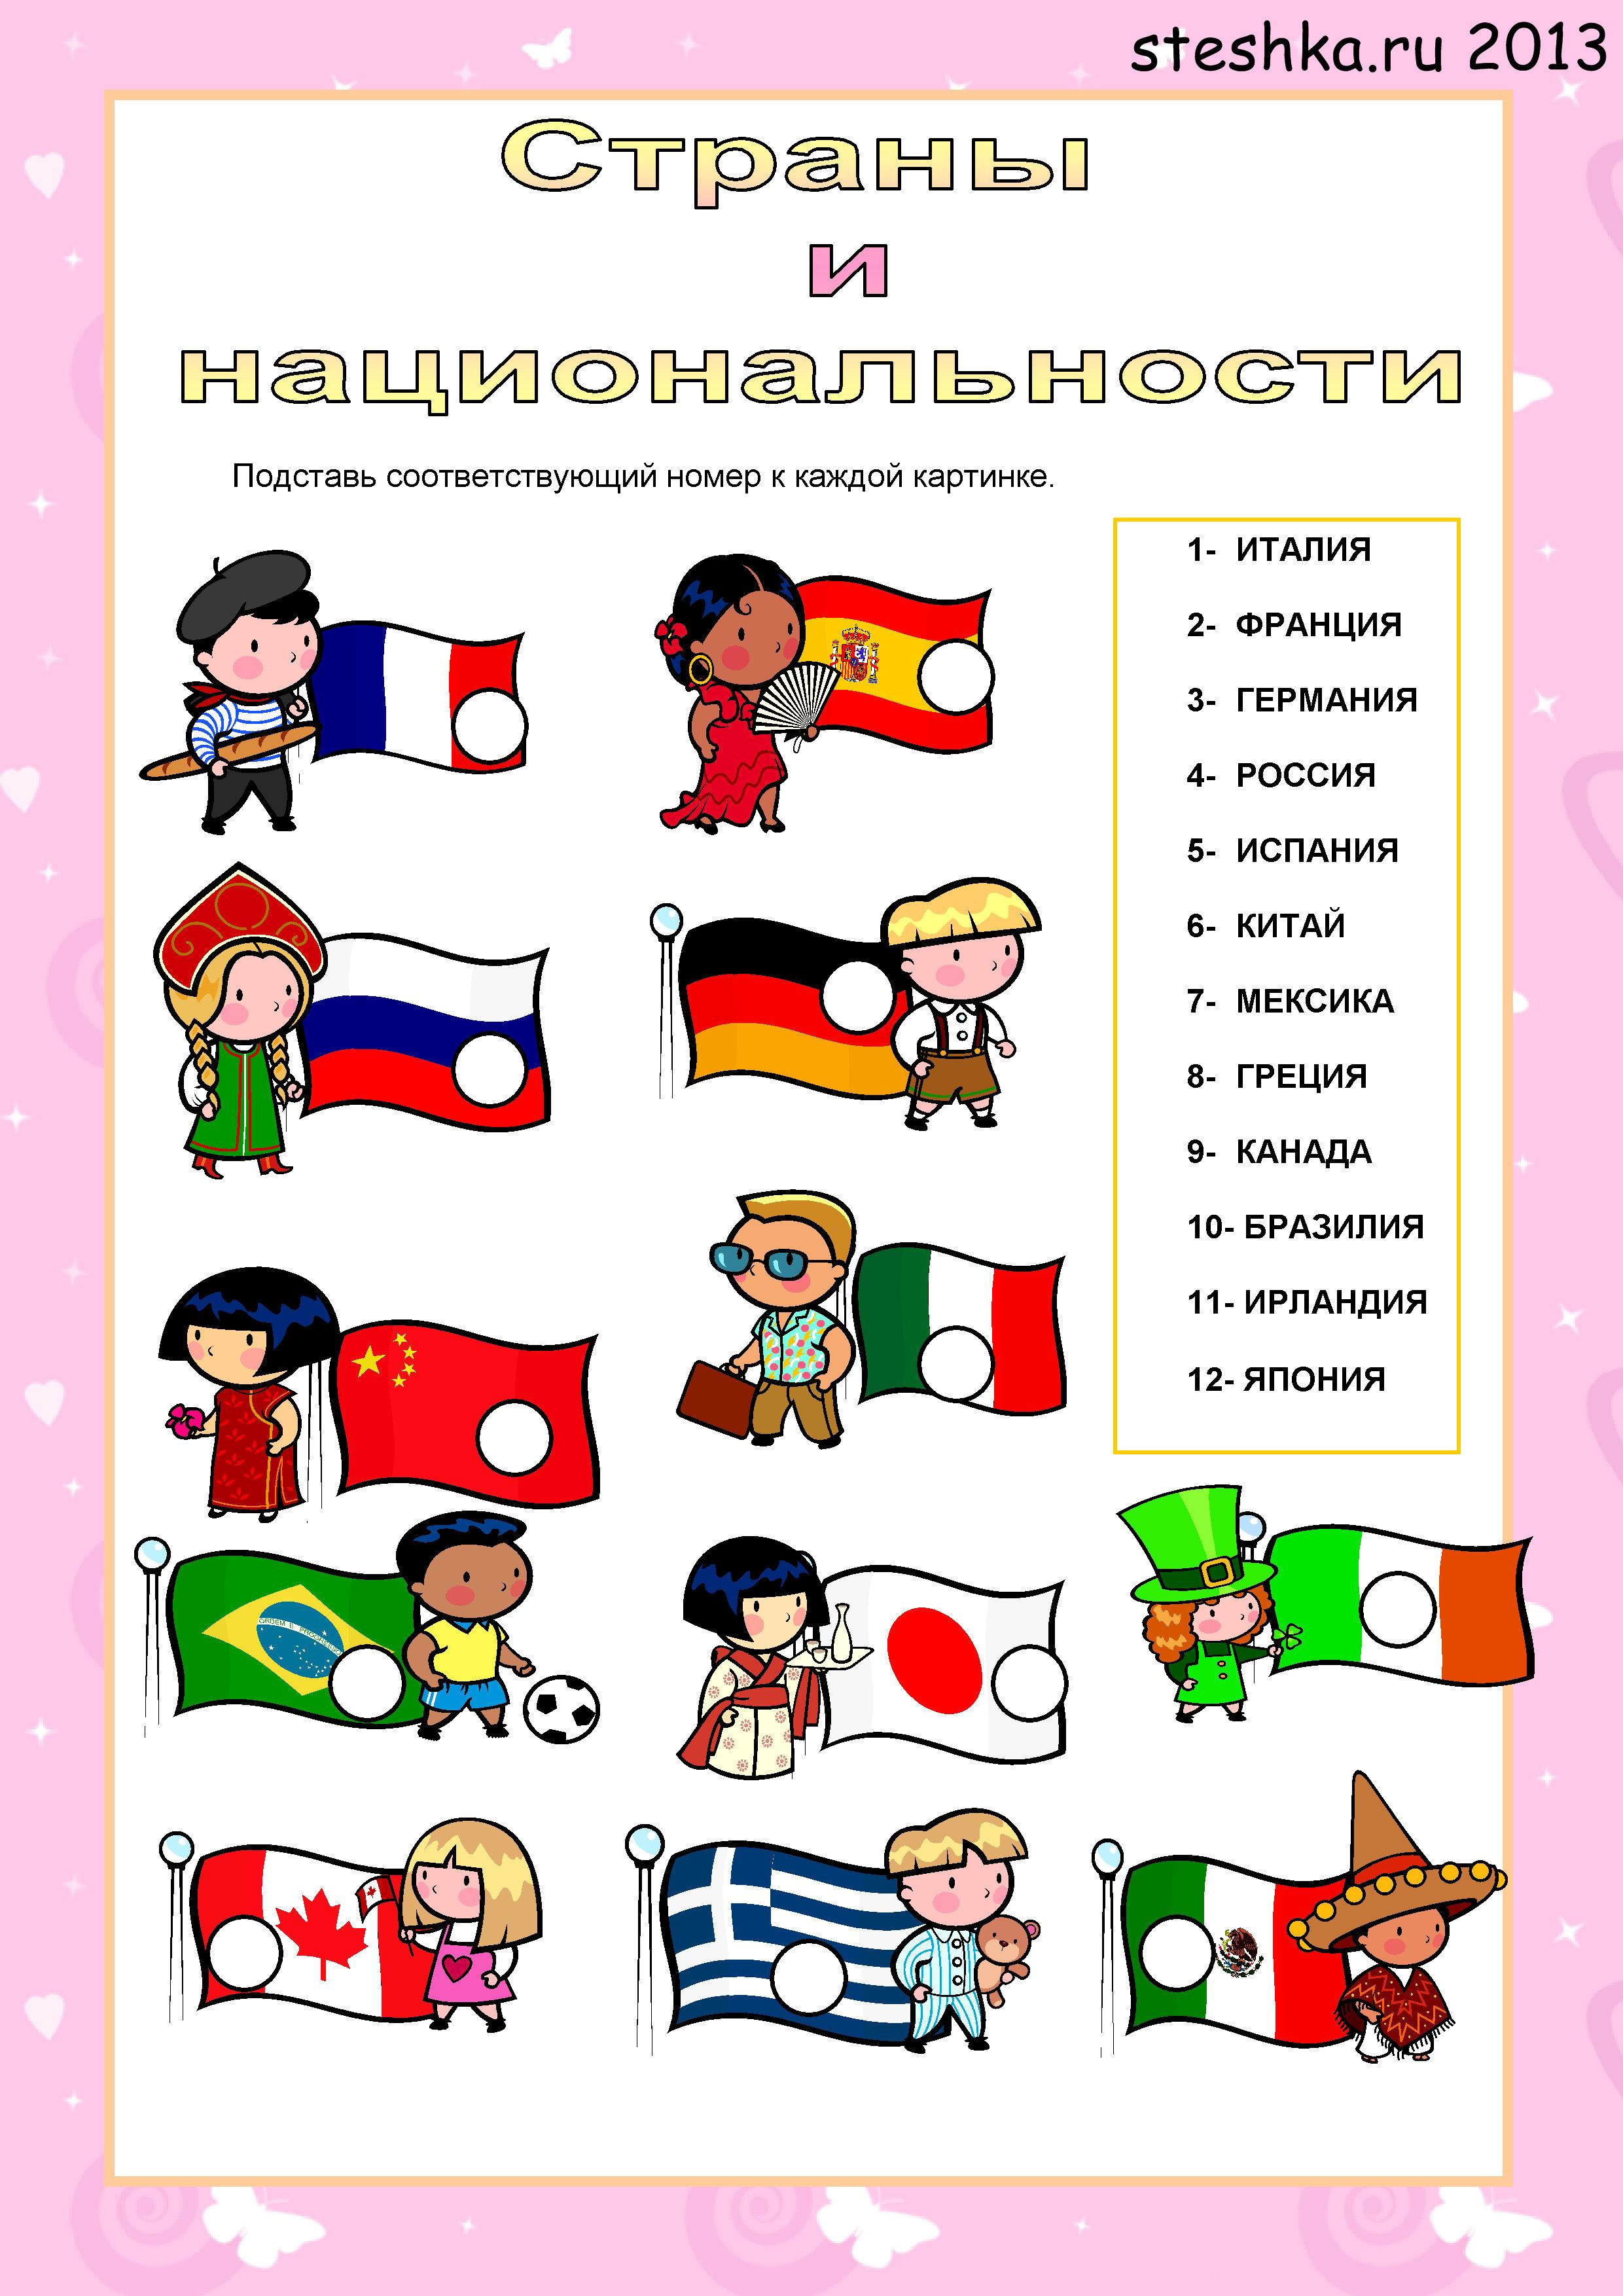 Детей со странами и национальностями